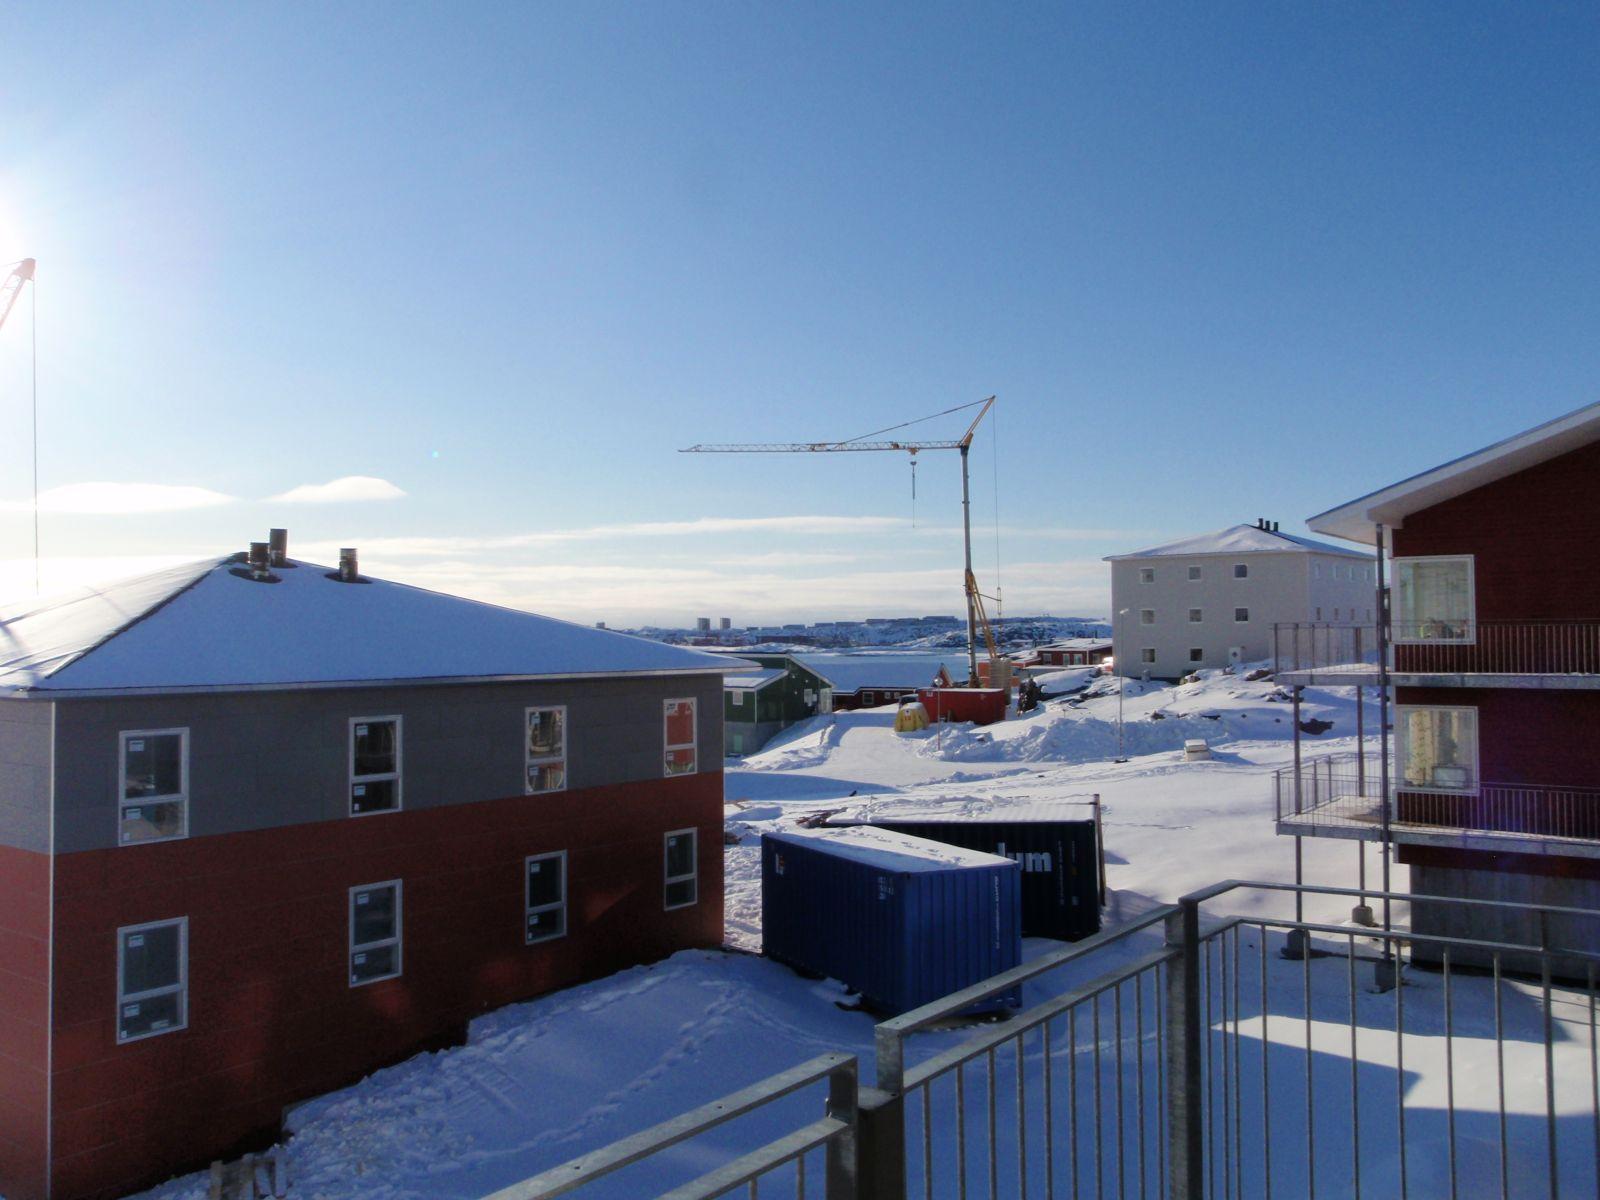 Billeder fra Nuuk